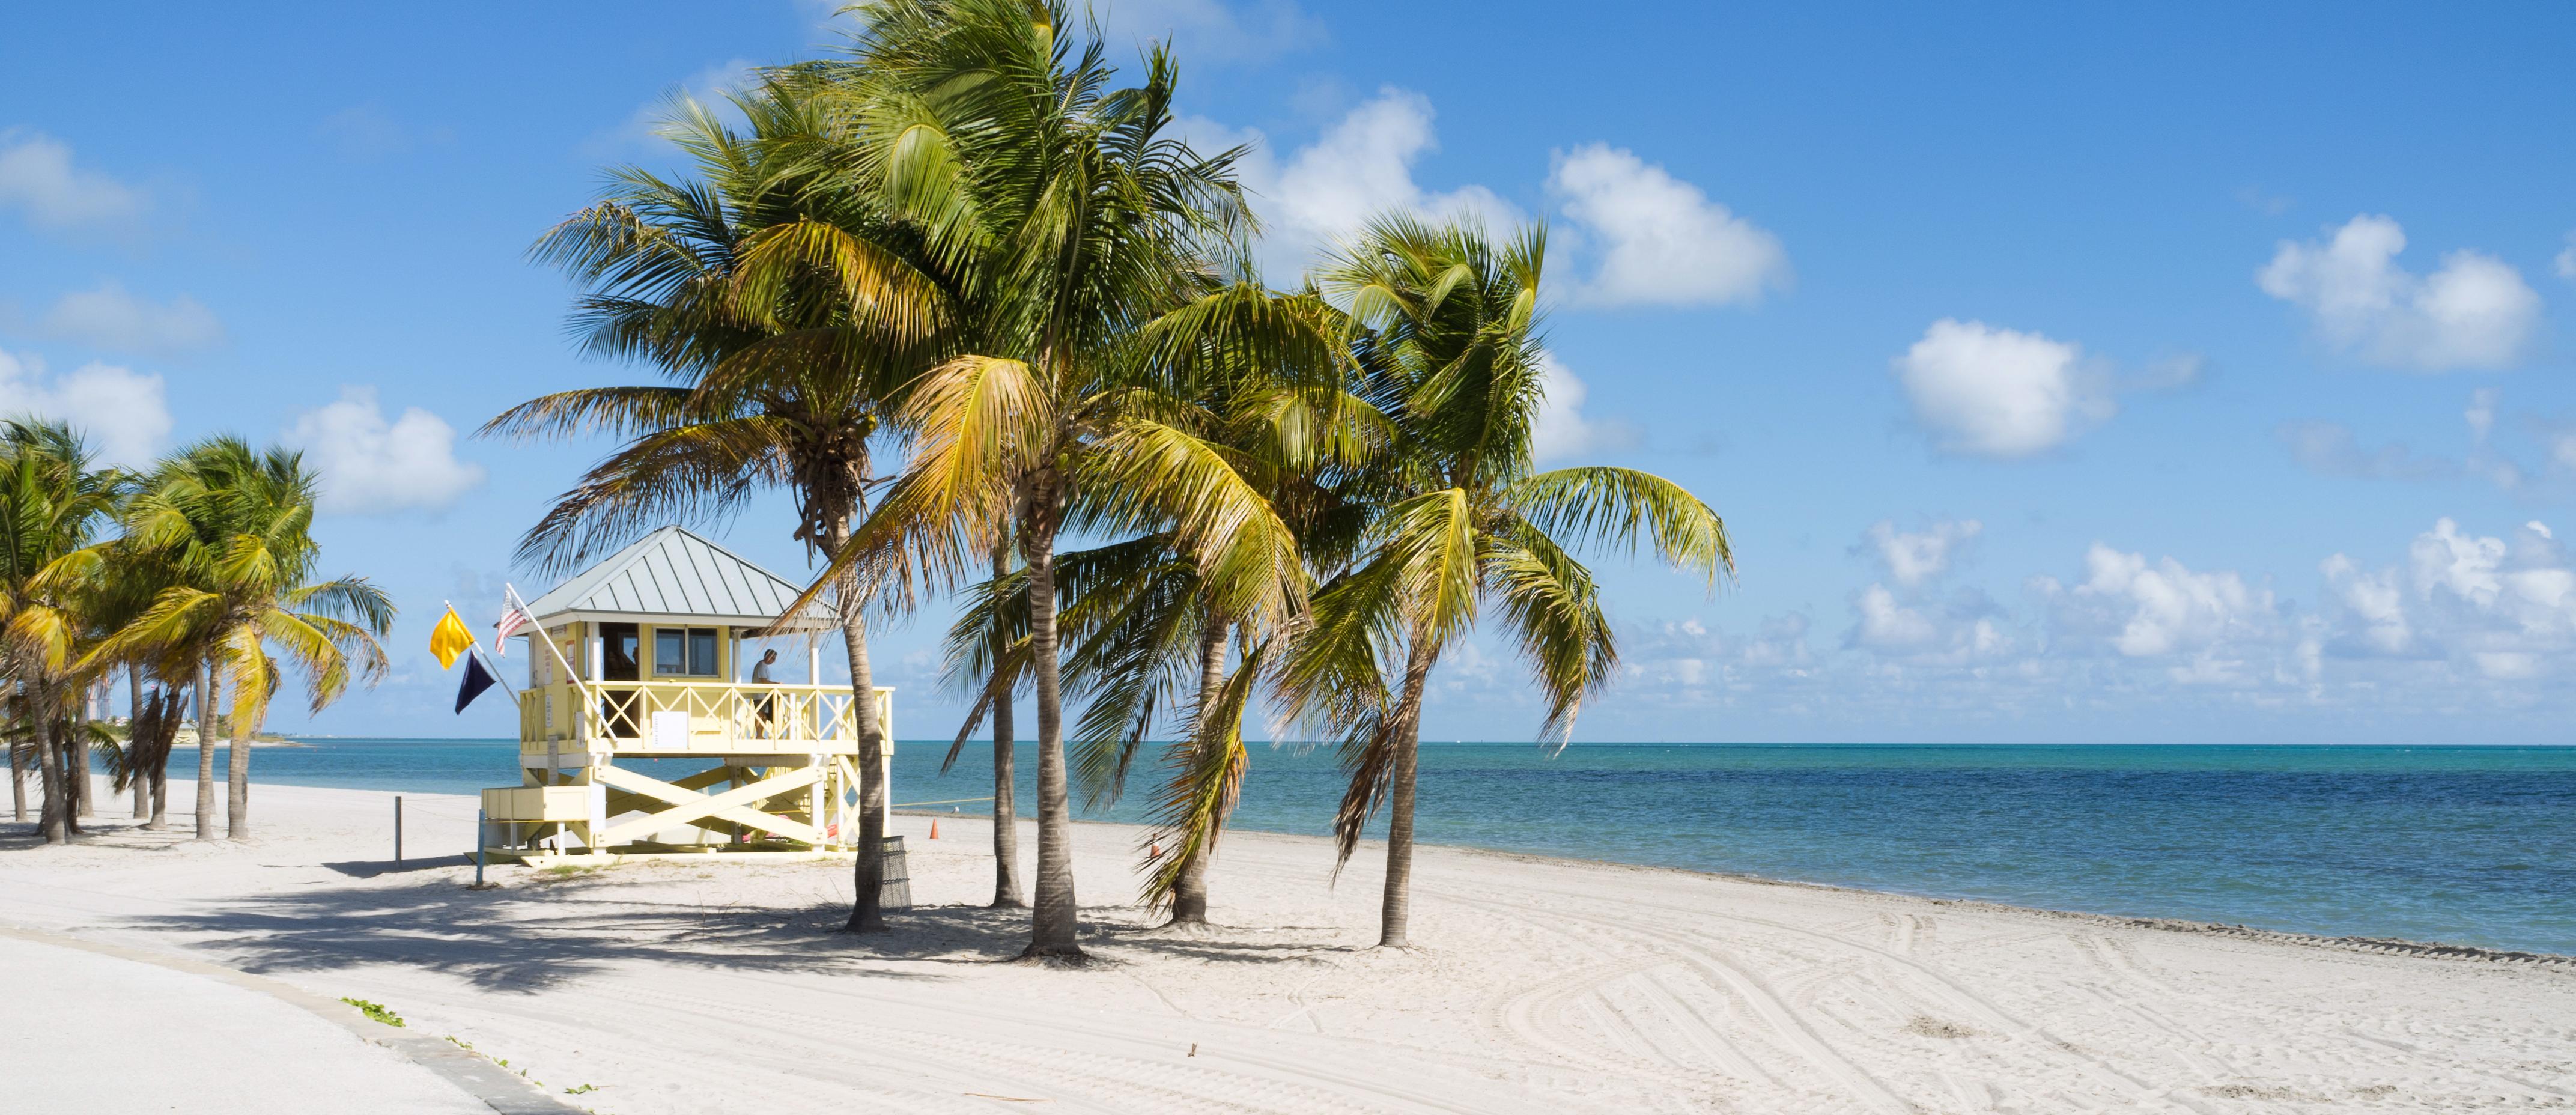 Diving In Florida Padi Travel